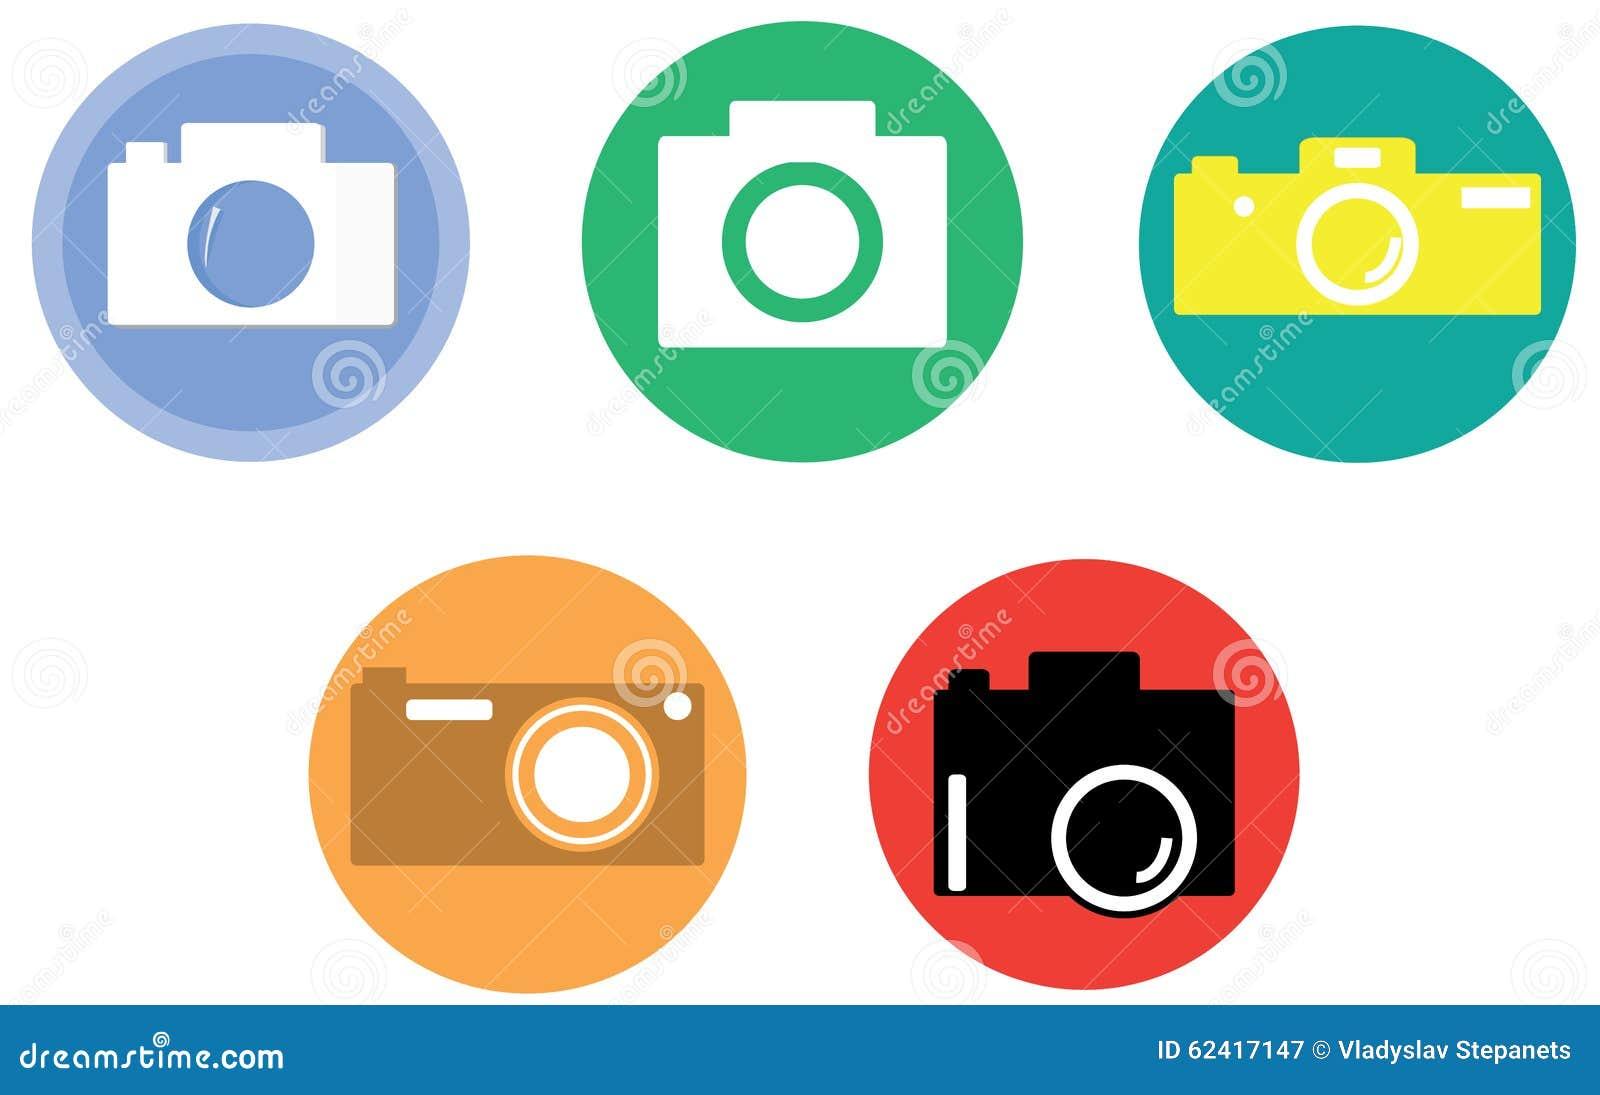 照相机 照相机图标设置了图片